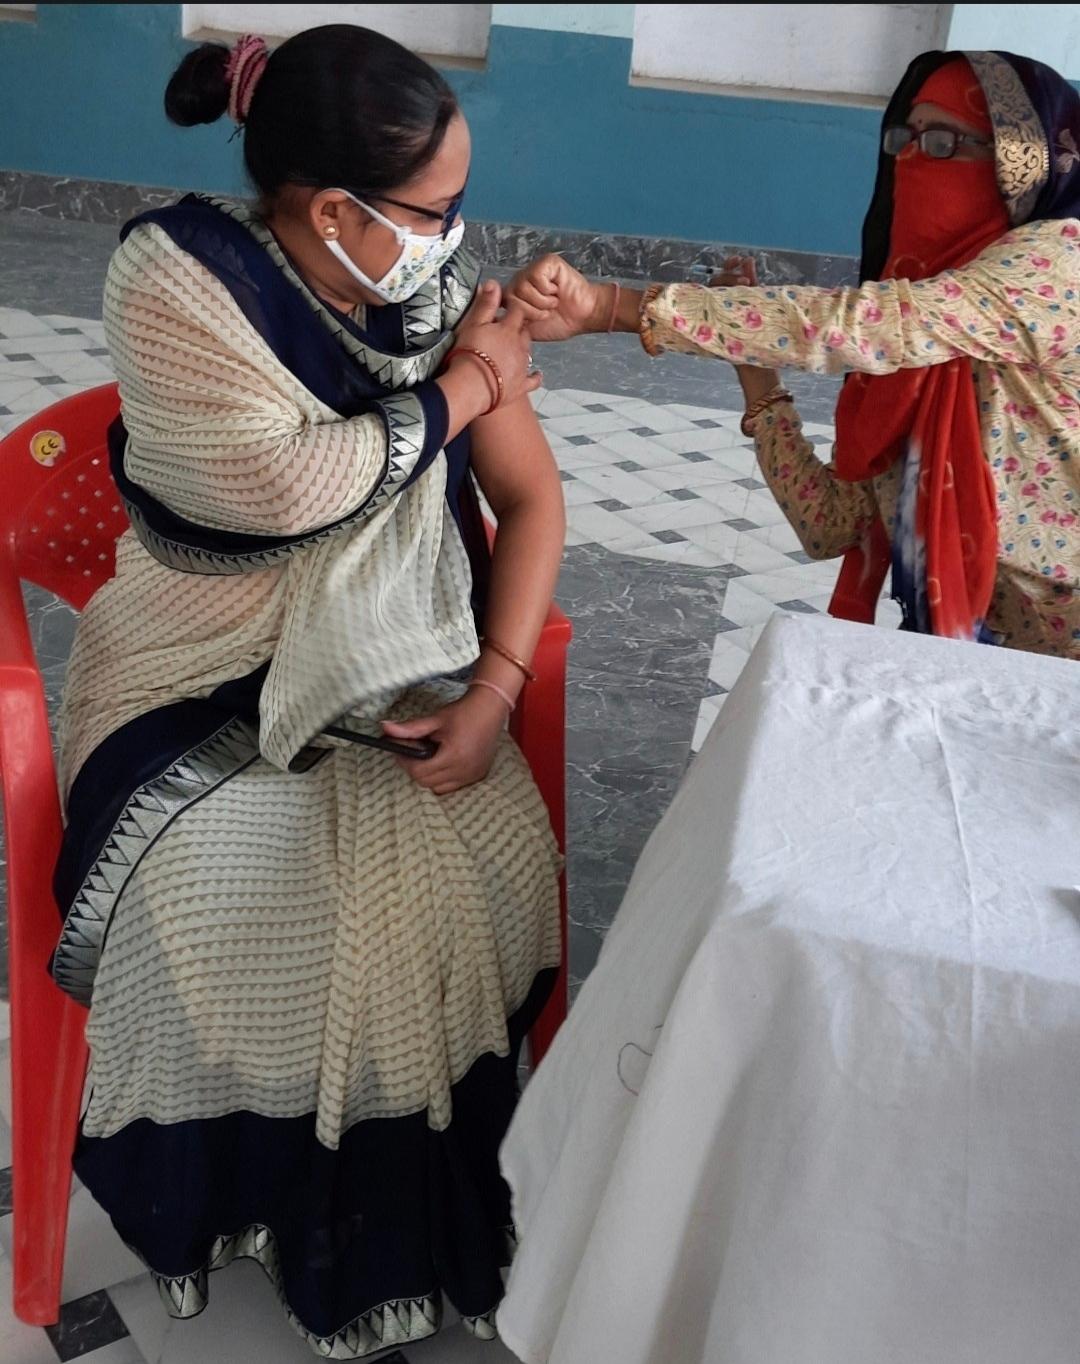 जिले को को-वैक्सीन की 13000 व कोविशिल्ड की 10000 डोज मिलीं, सोमवार को 104 केन्द्रों पर होगा टीकाकरण टोंक,Tonk - Dainik Bhaskar